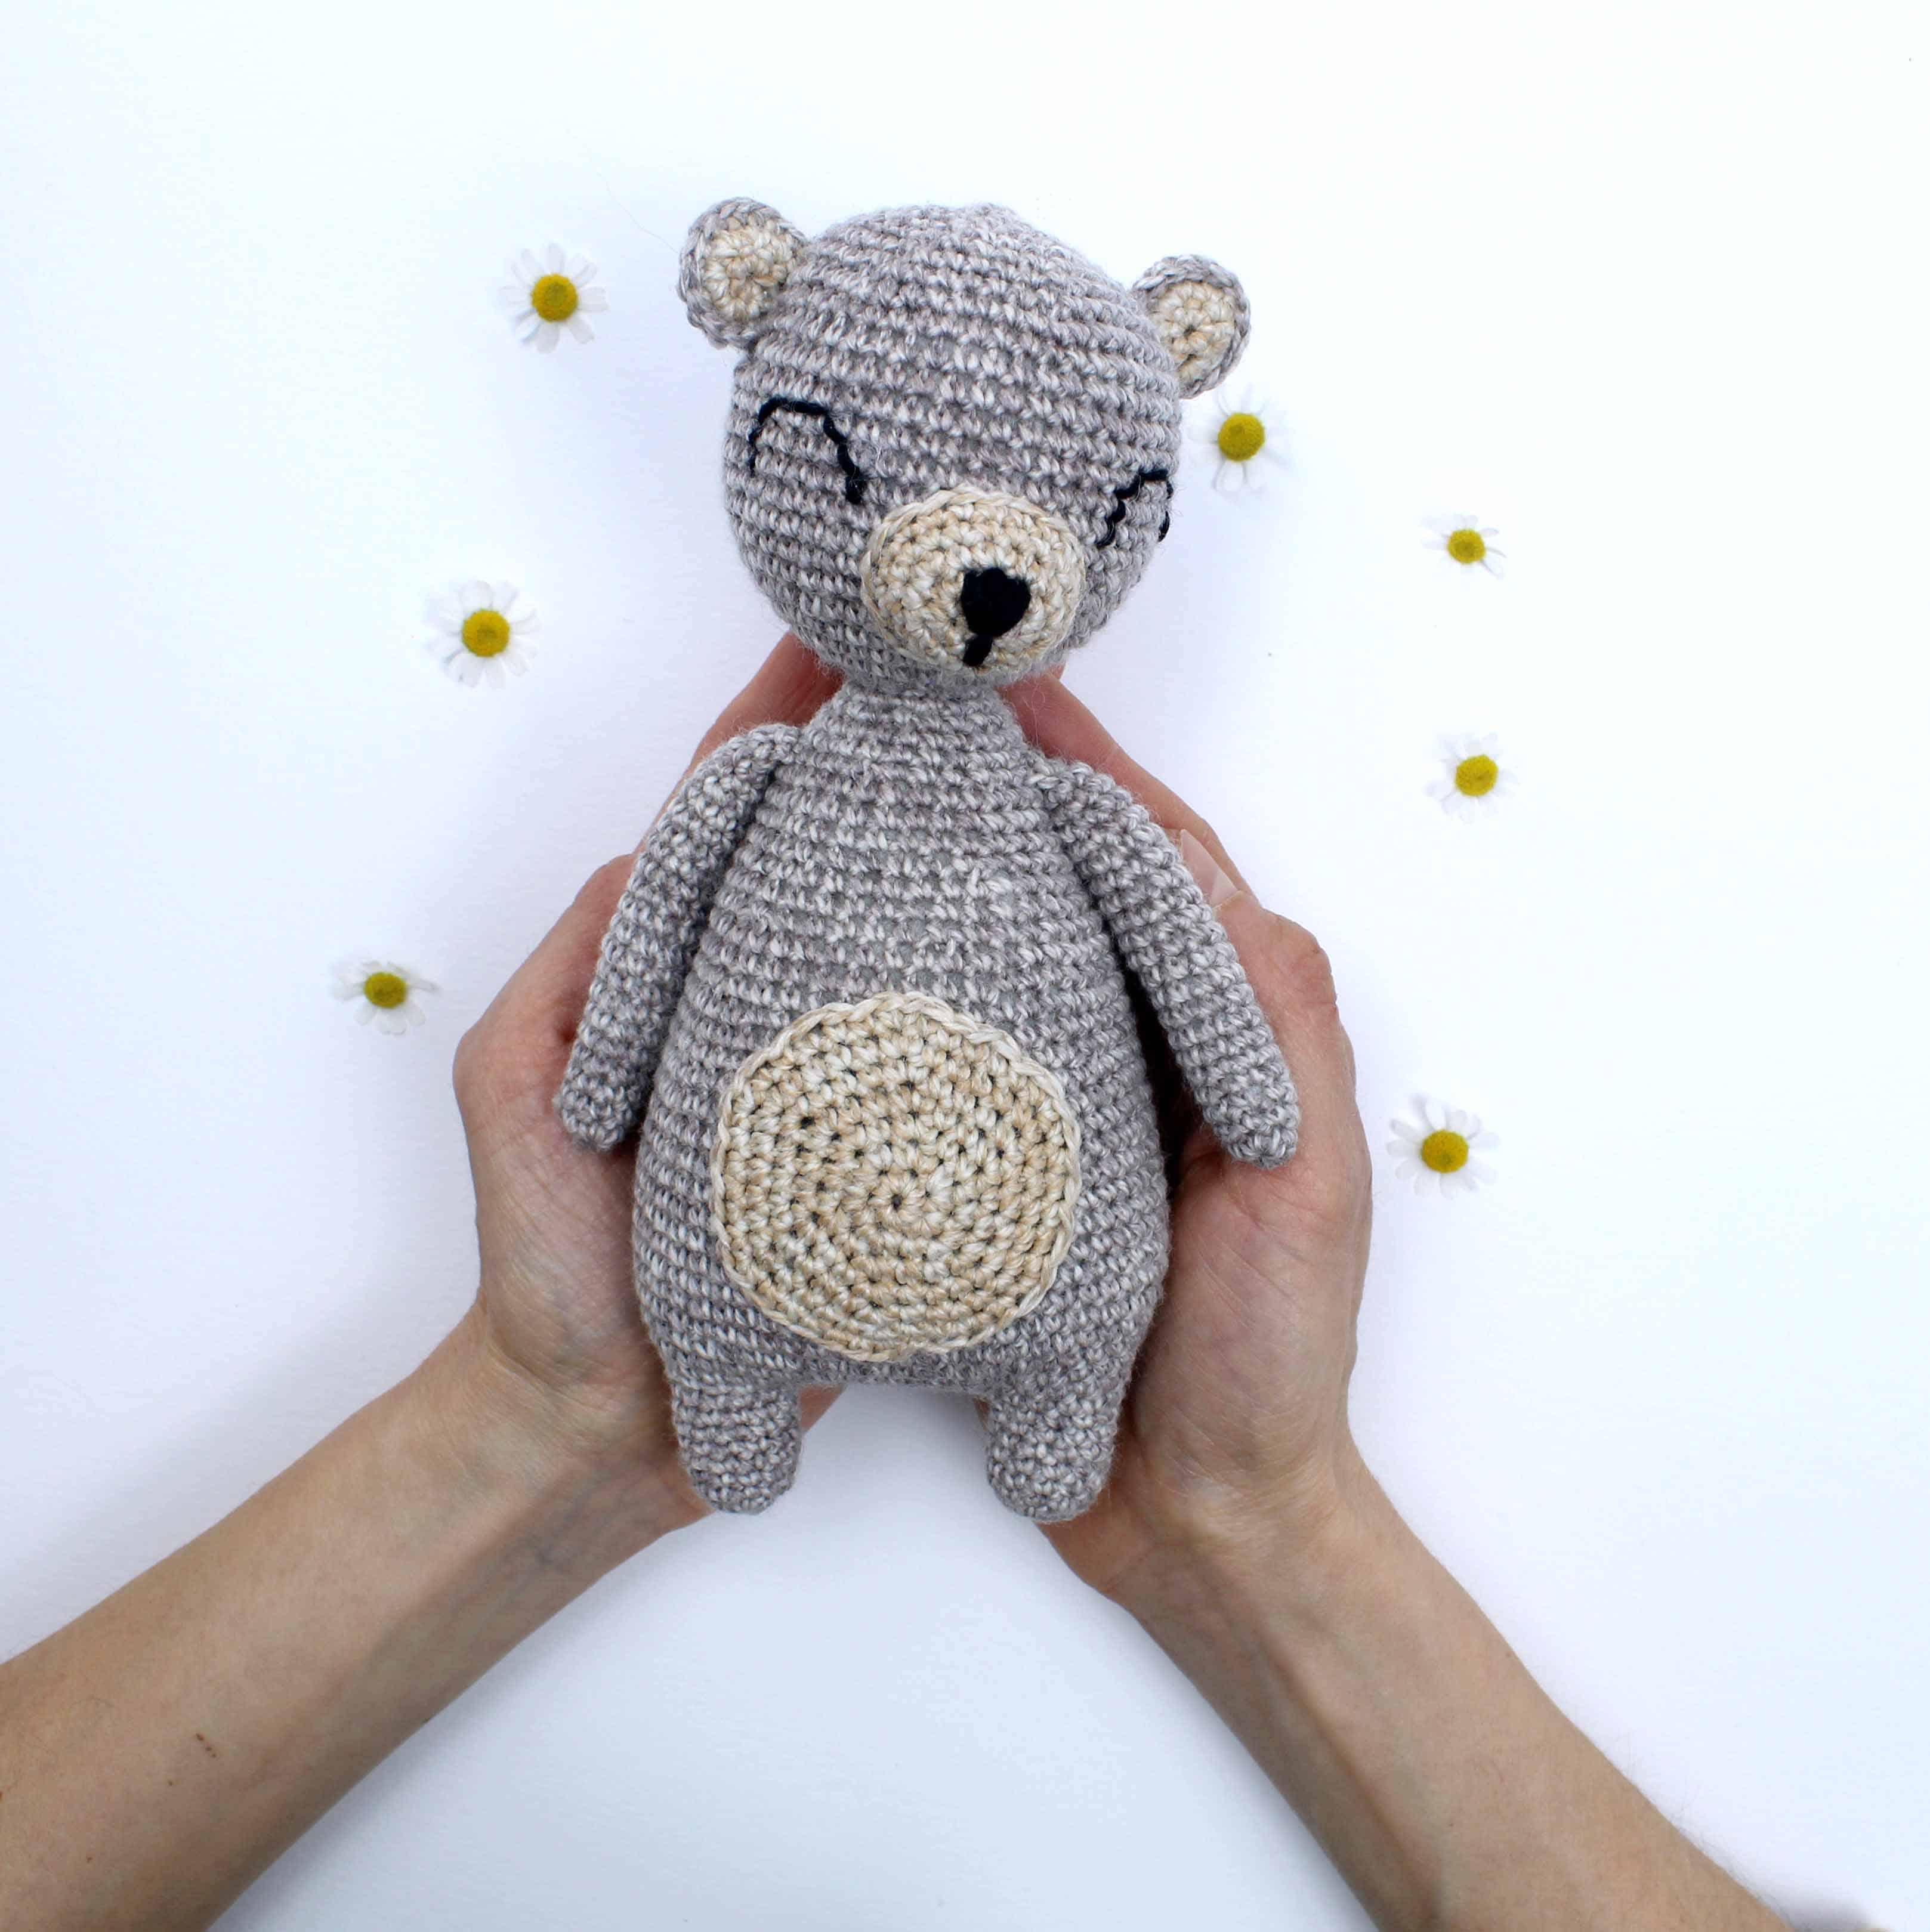 Awesome Free Crochet Teddy Amigurumi Bear Pattern - Free Amigurumi ...   3239x3235